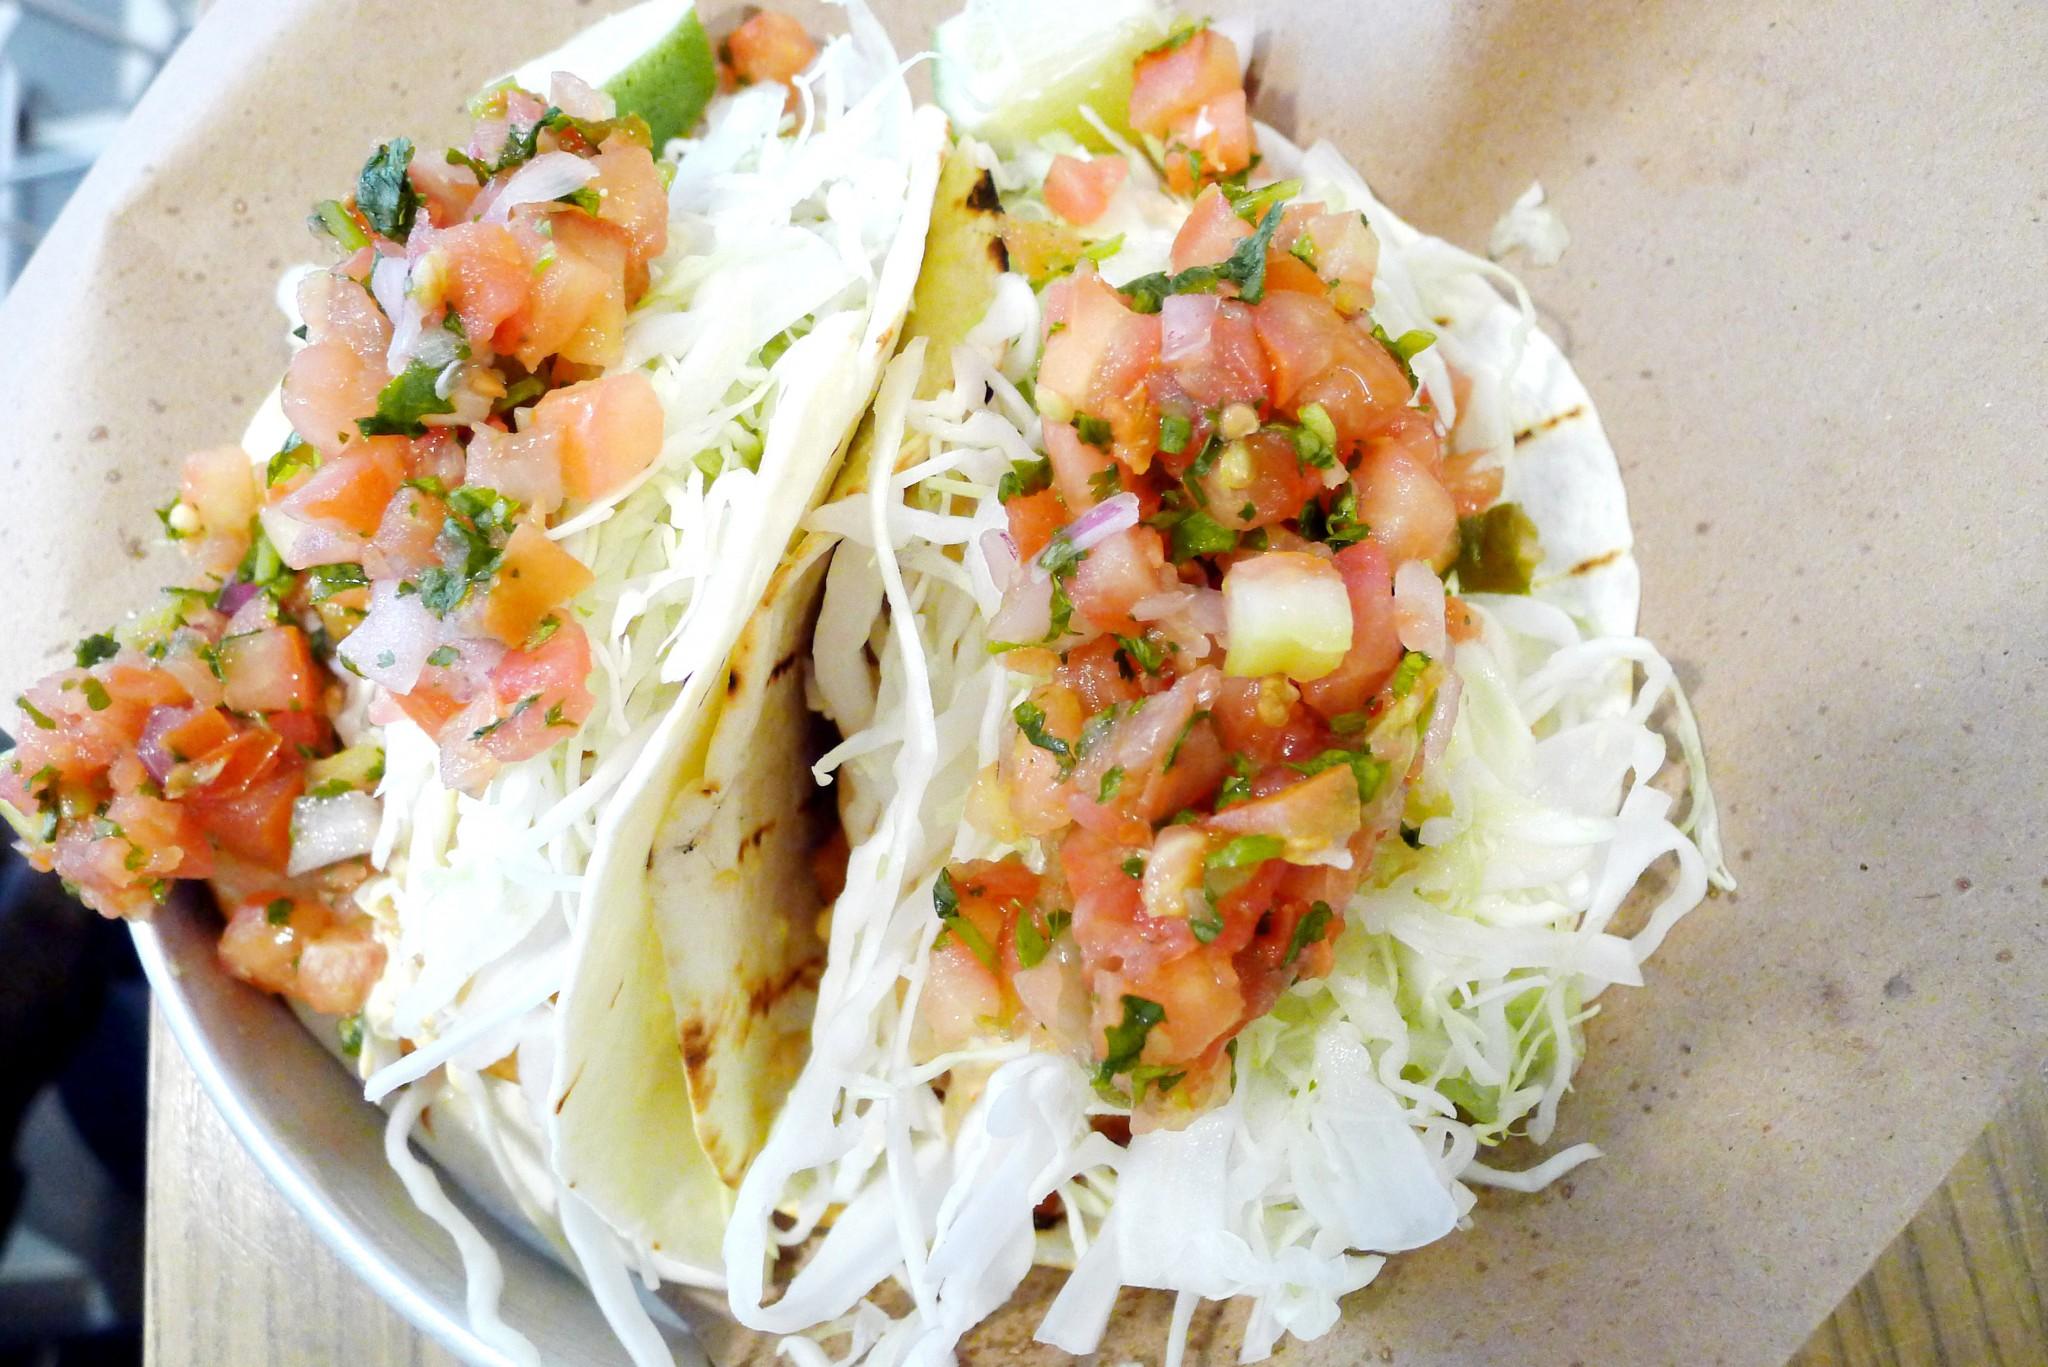 Tacofino Burrito Bar Gastown | Mexican Tacos Tostada Ceviche